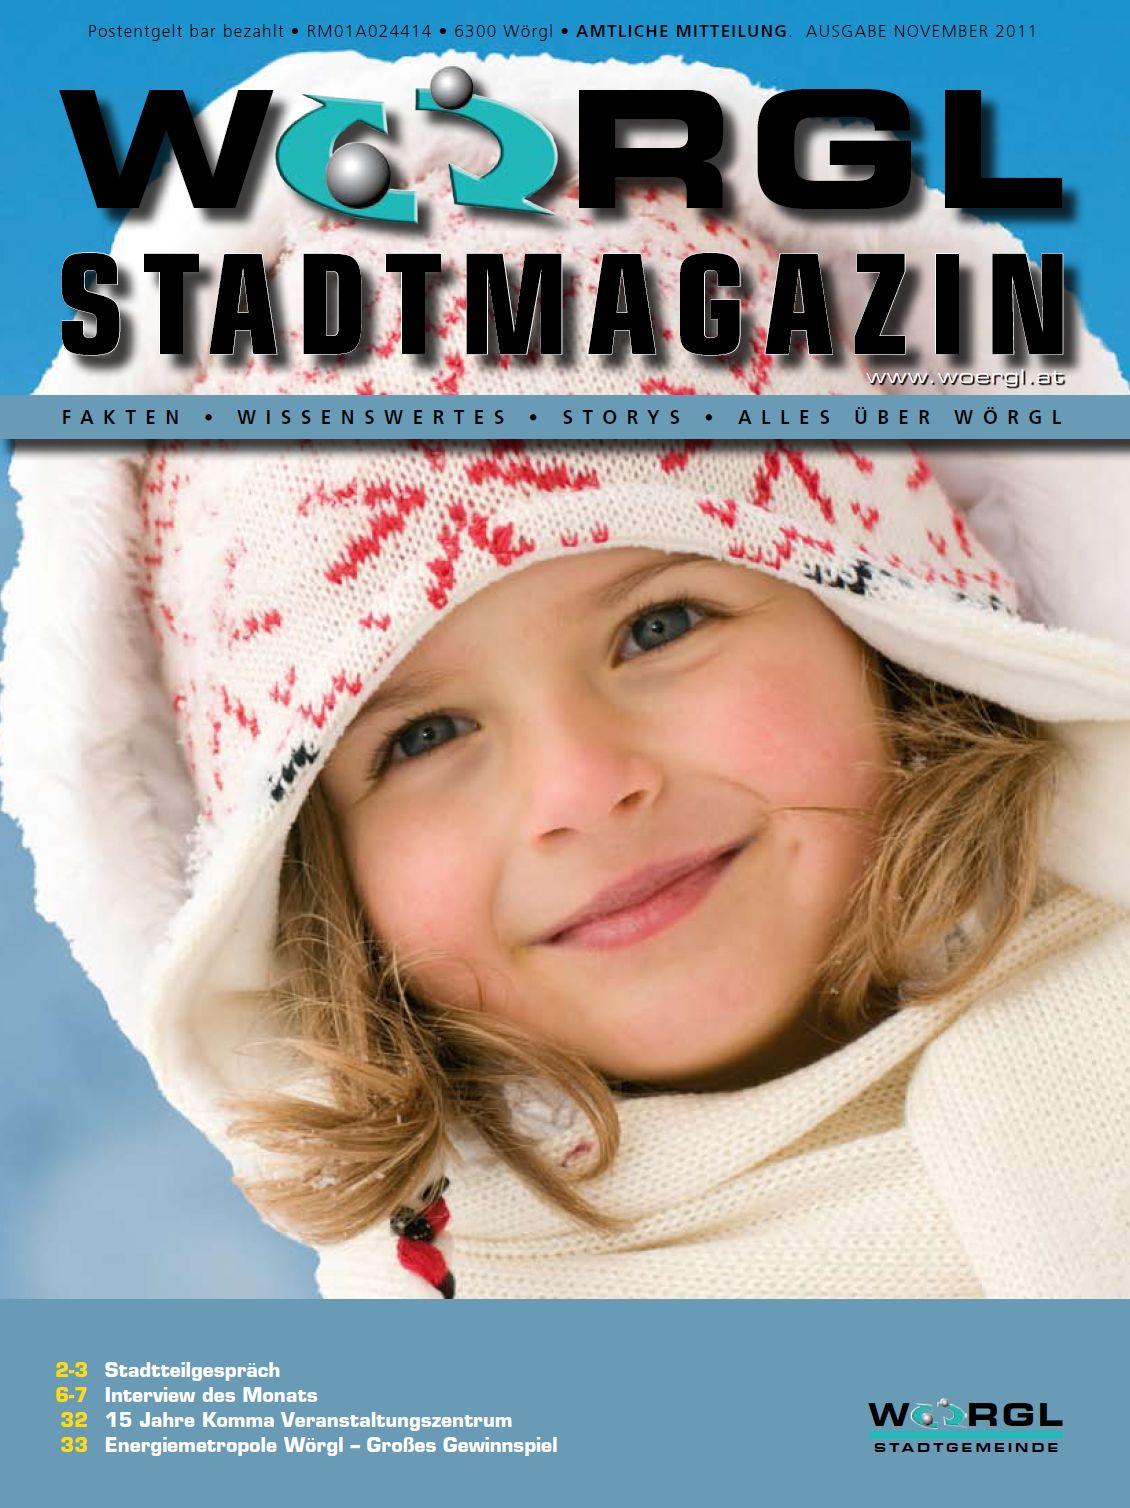 Wörgler Stadtmagazin November